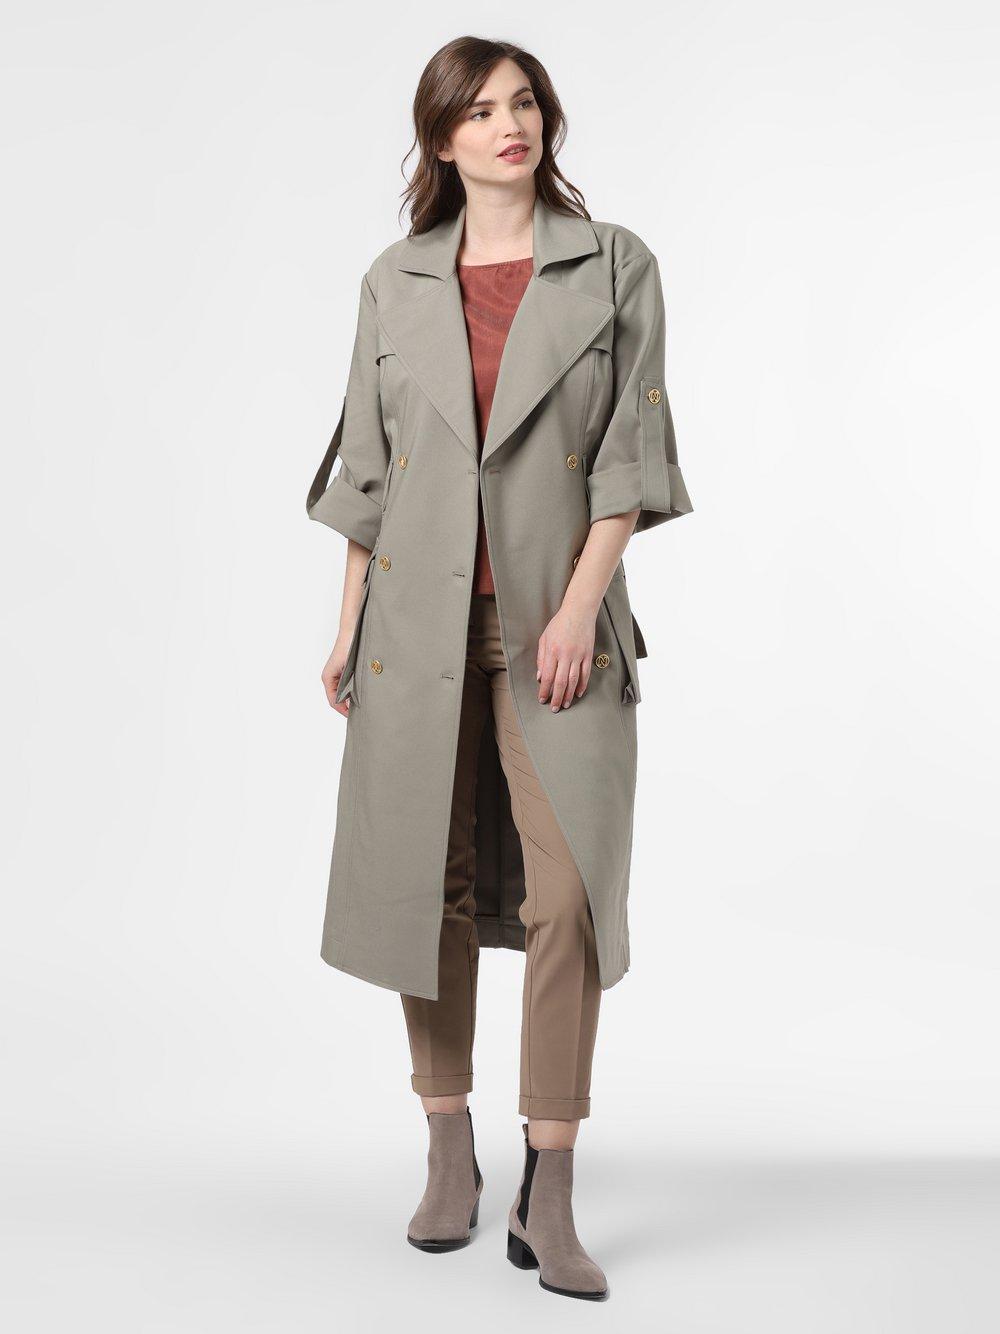 NIKKIE – Płaszcz damski – Lizzy, zielony Van Graaf 465068-0001-00360